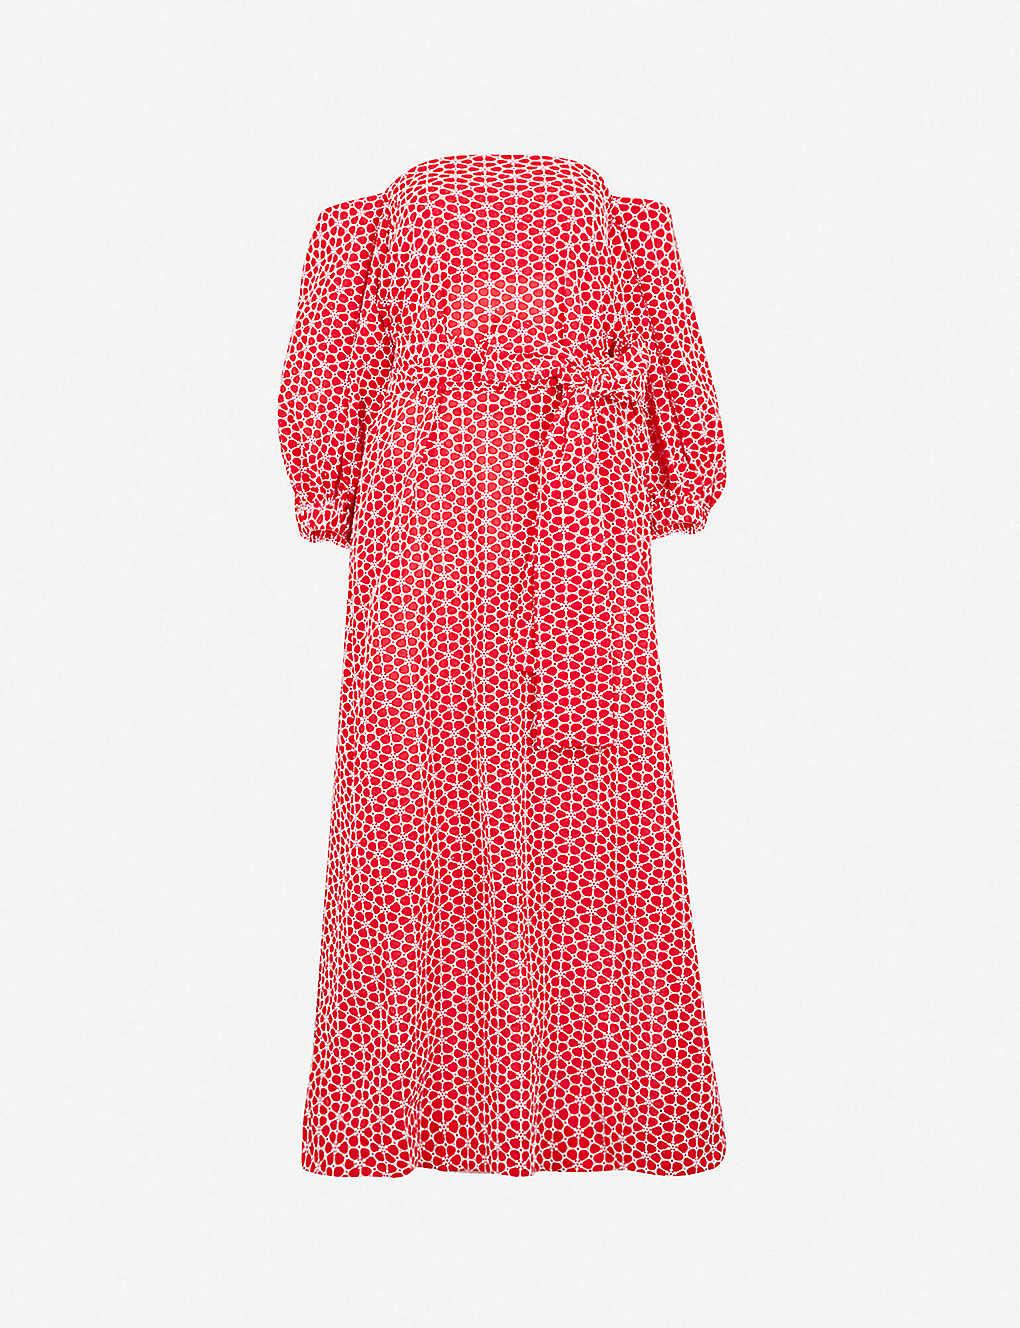 df313c0b0d LISA MARIE FERNANDEZ - Rosie off-the-shoulder floral-embroidered ...